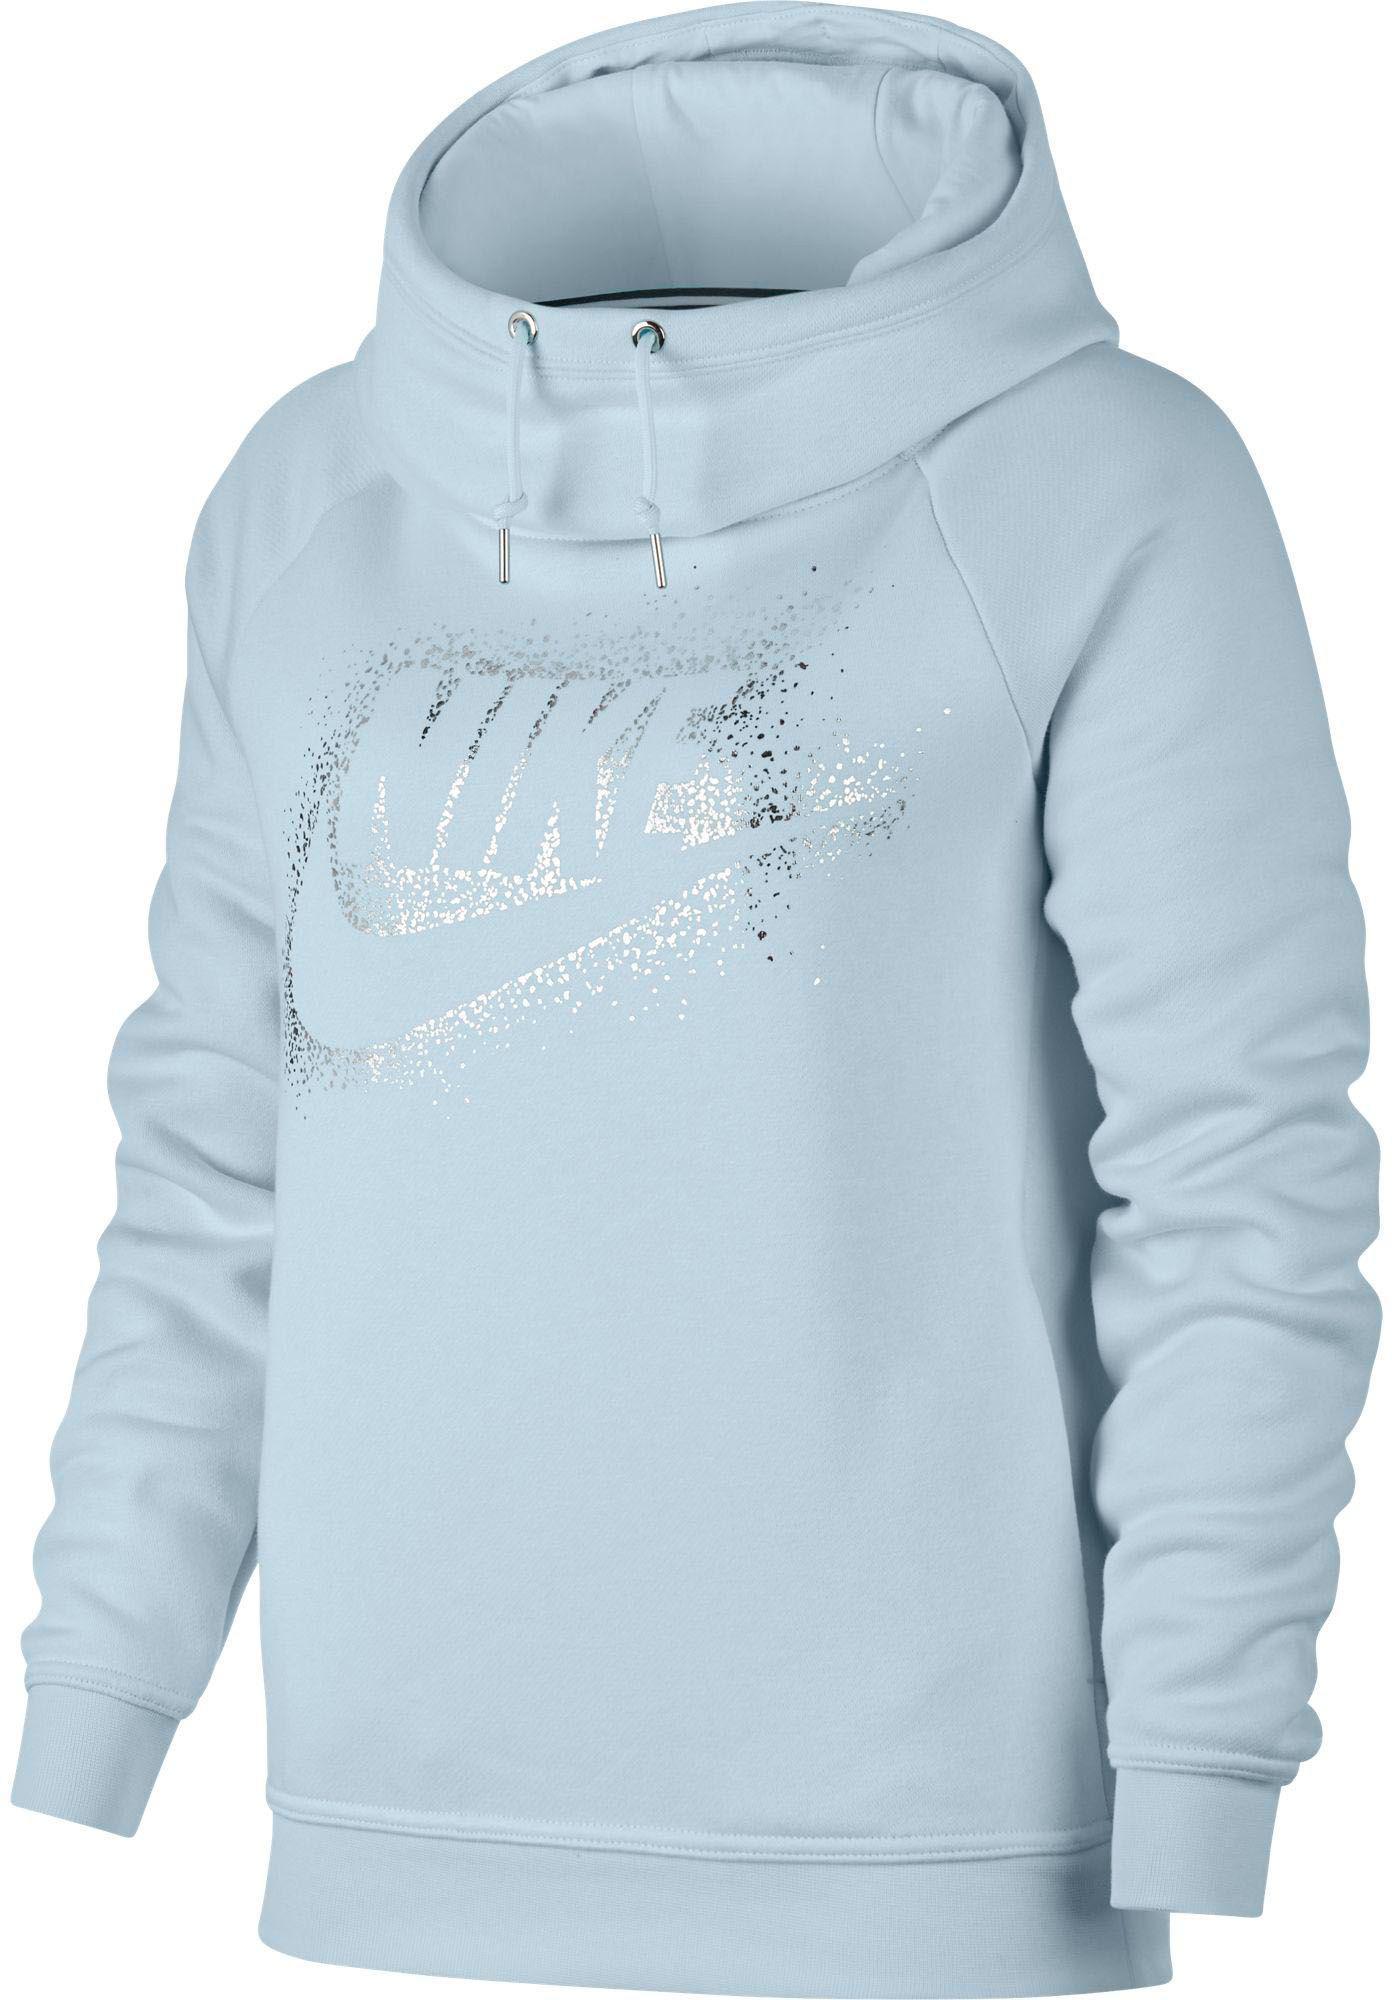 1086b0e6de11 Lyst - Nike Sportswear Rally Metallic Funnel Neck Graphic Hoodie in Blue